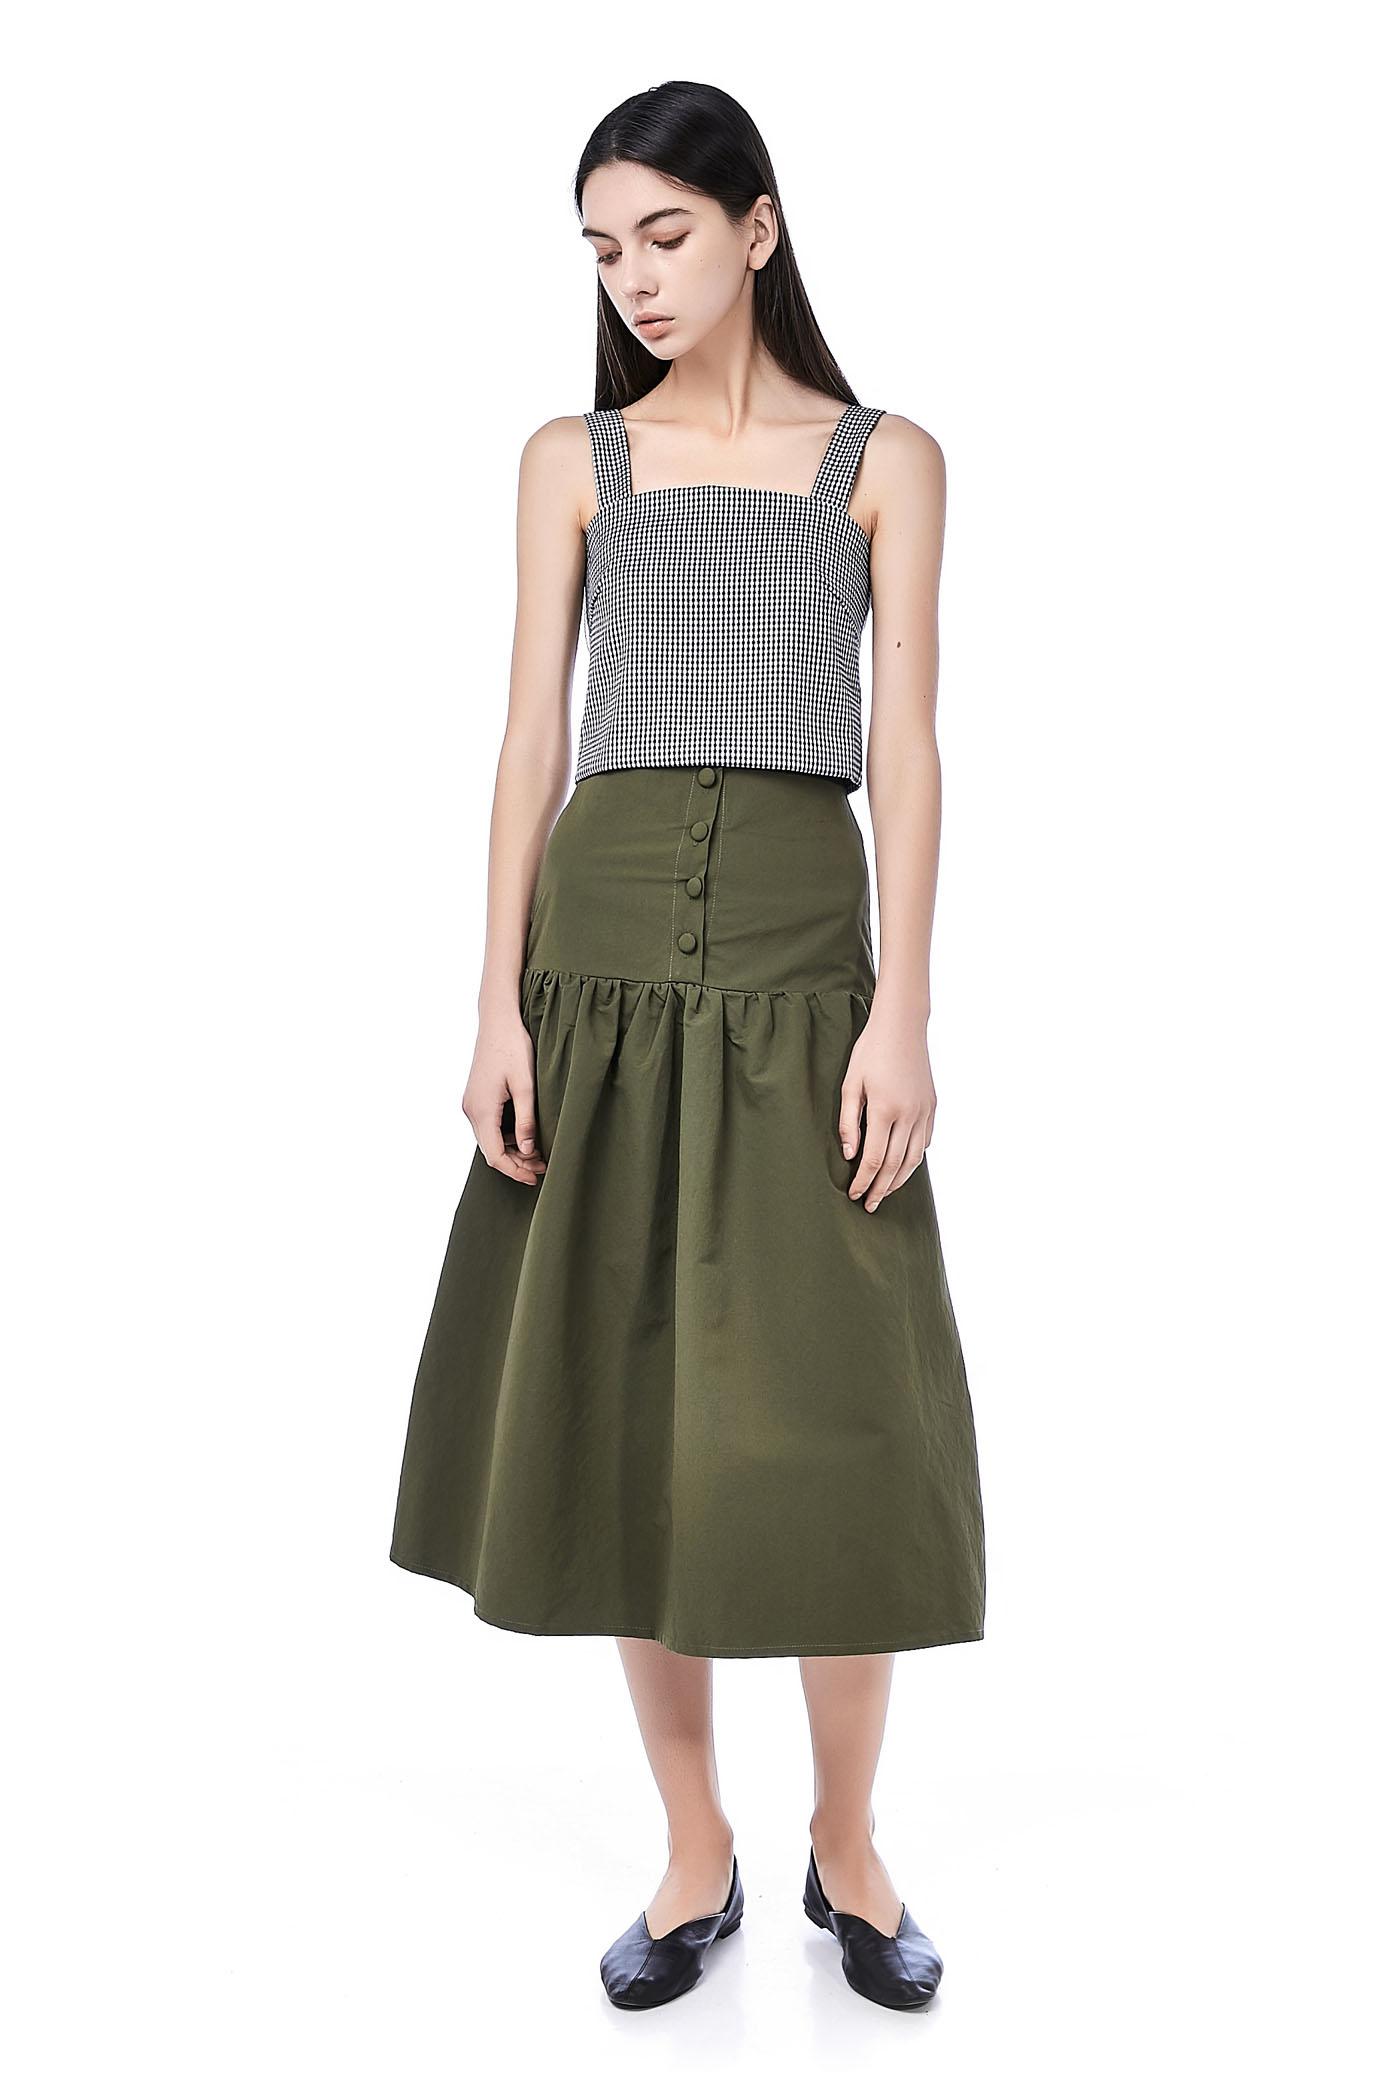 Maleah High-Waisted Skirt